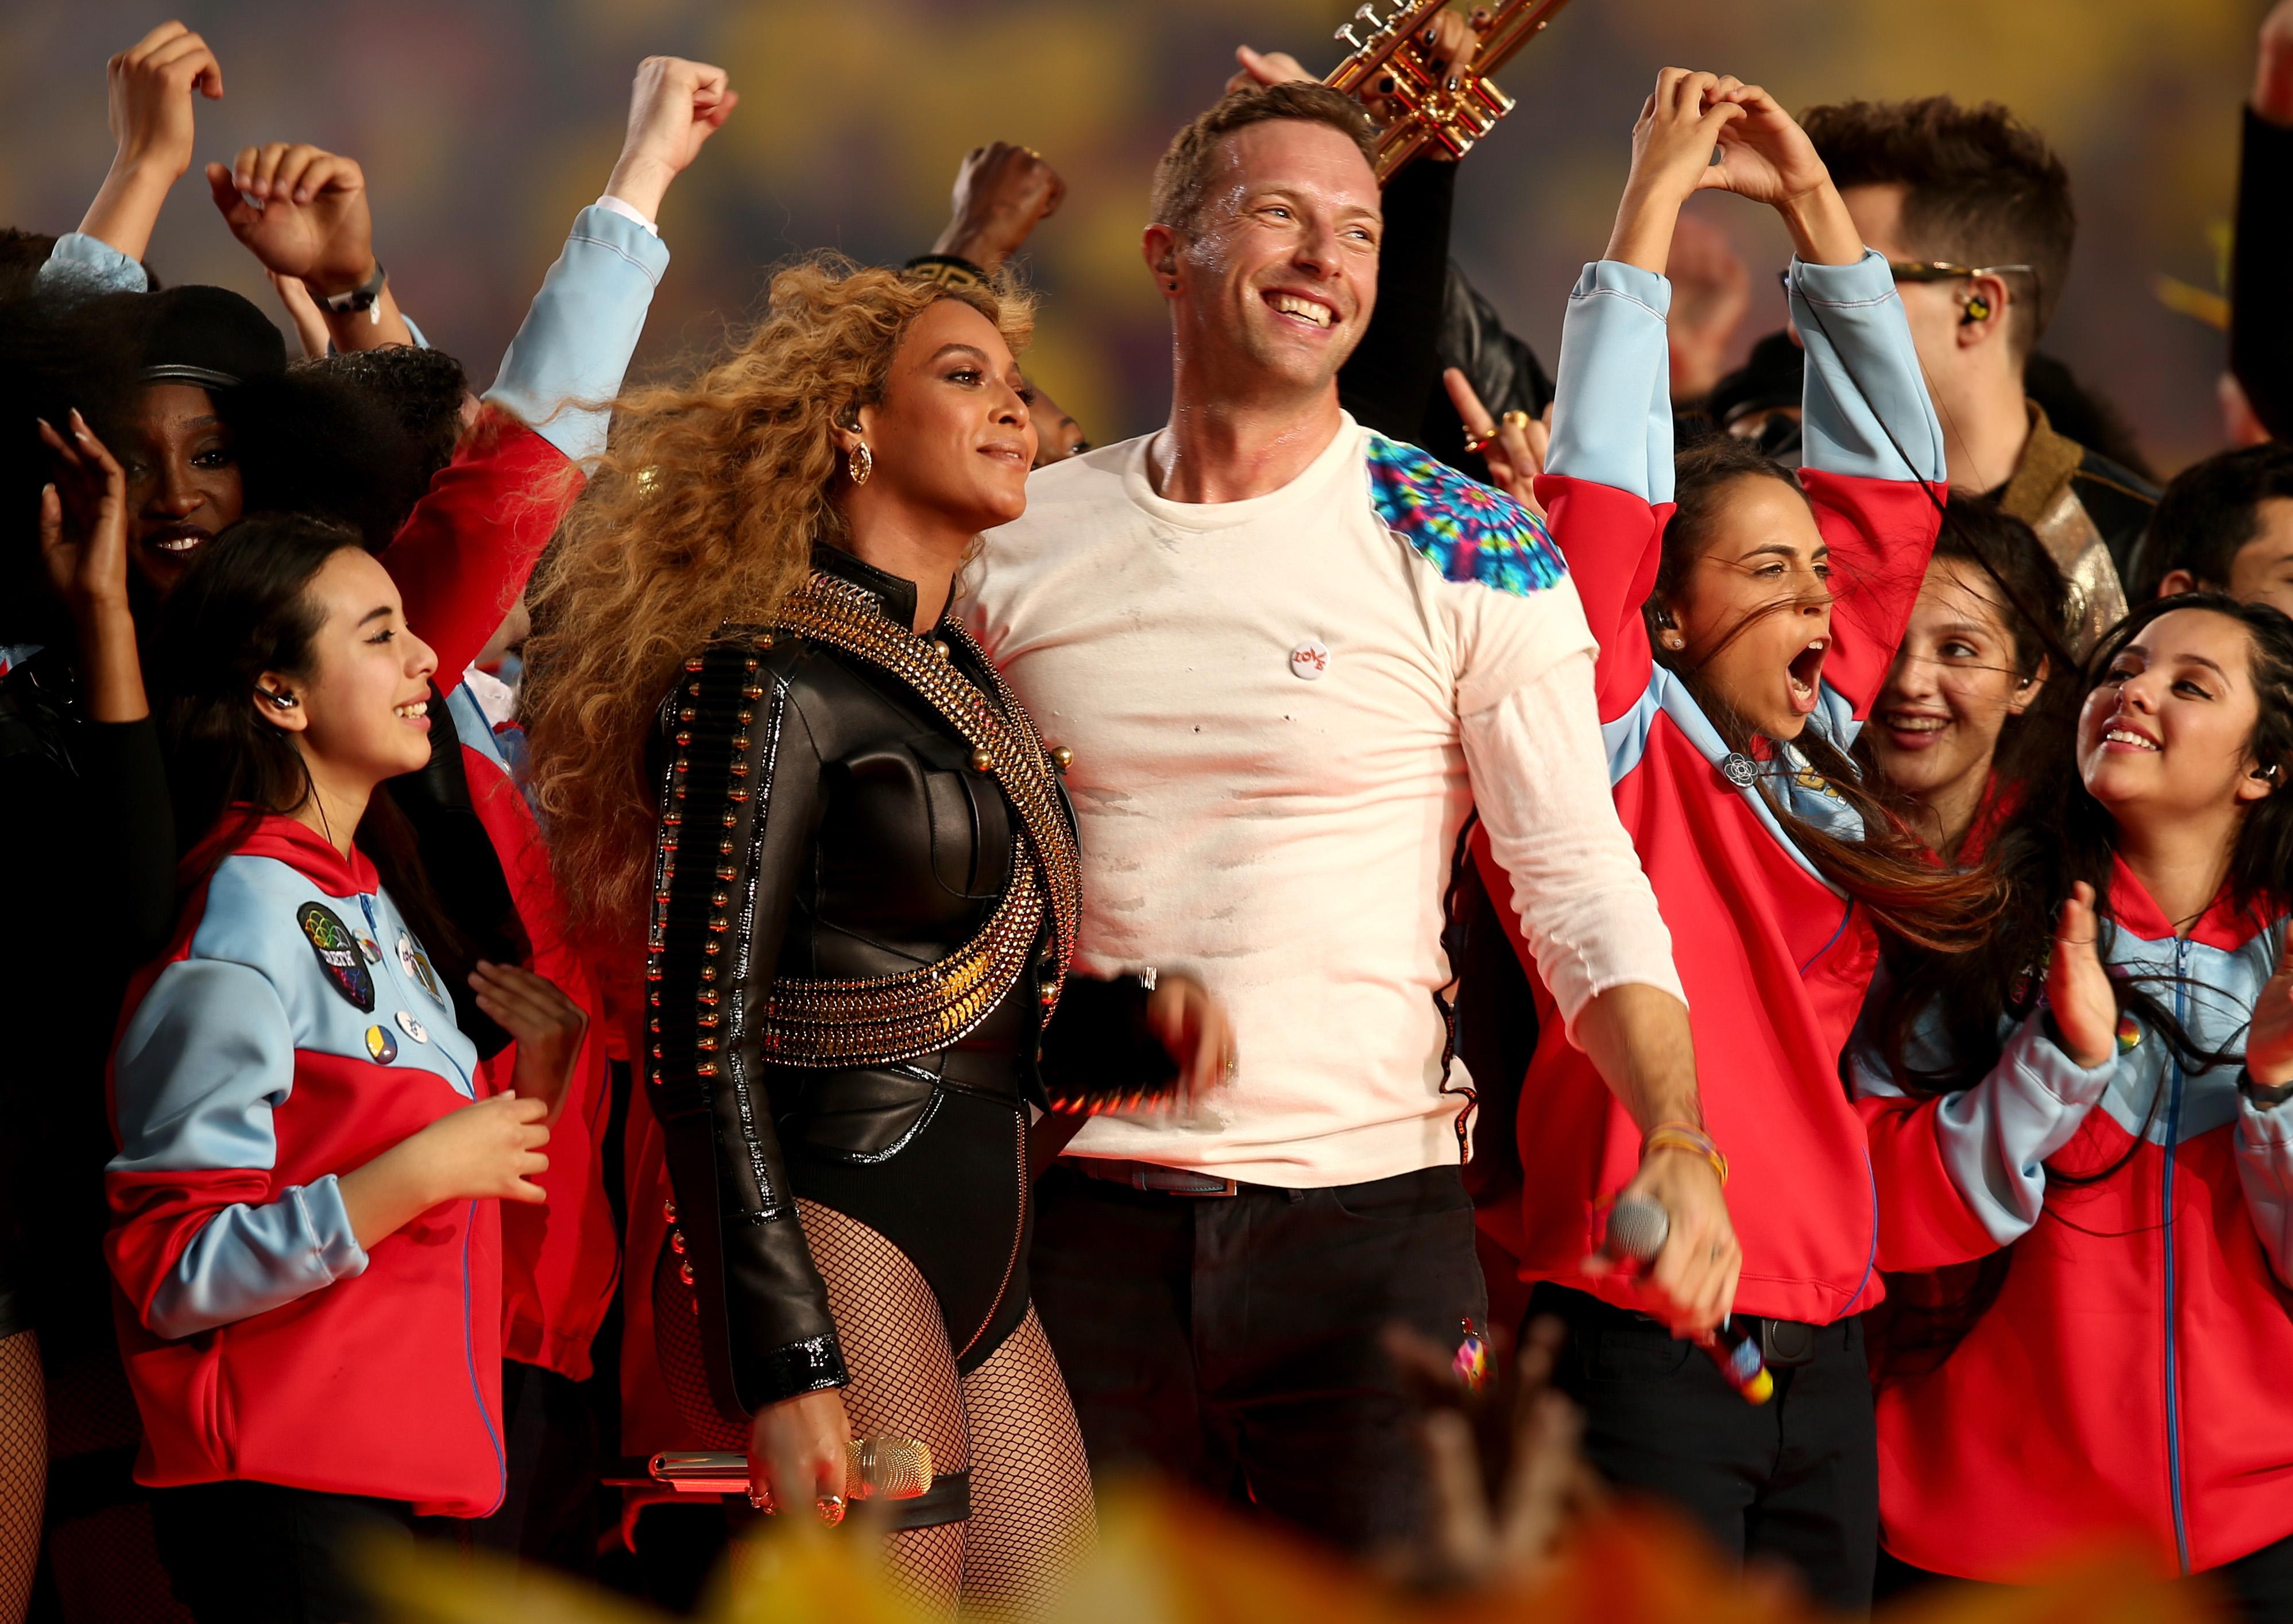 ВИДЕО: Coldplay, Бейонс и Бруно Марс на сцене Super Bowl — 2016-320x180